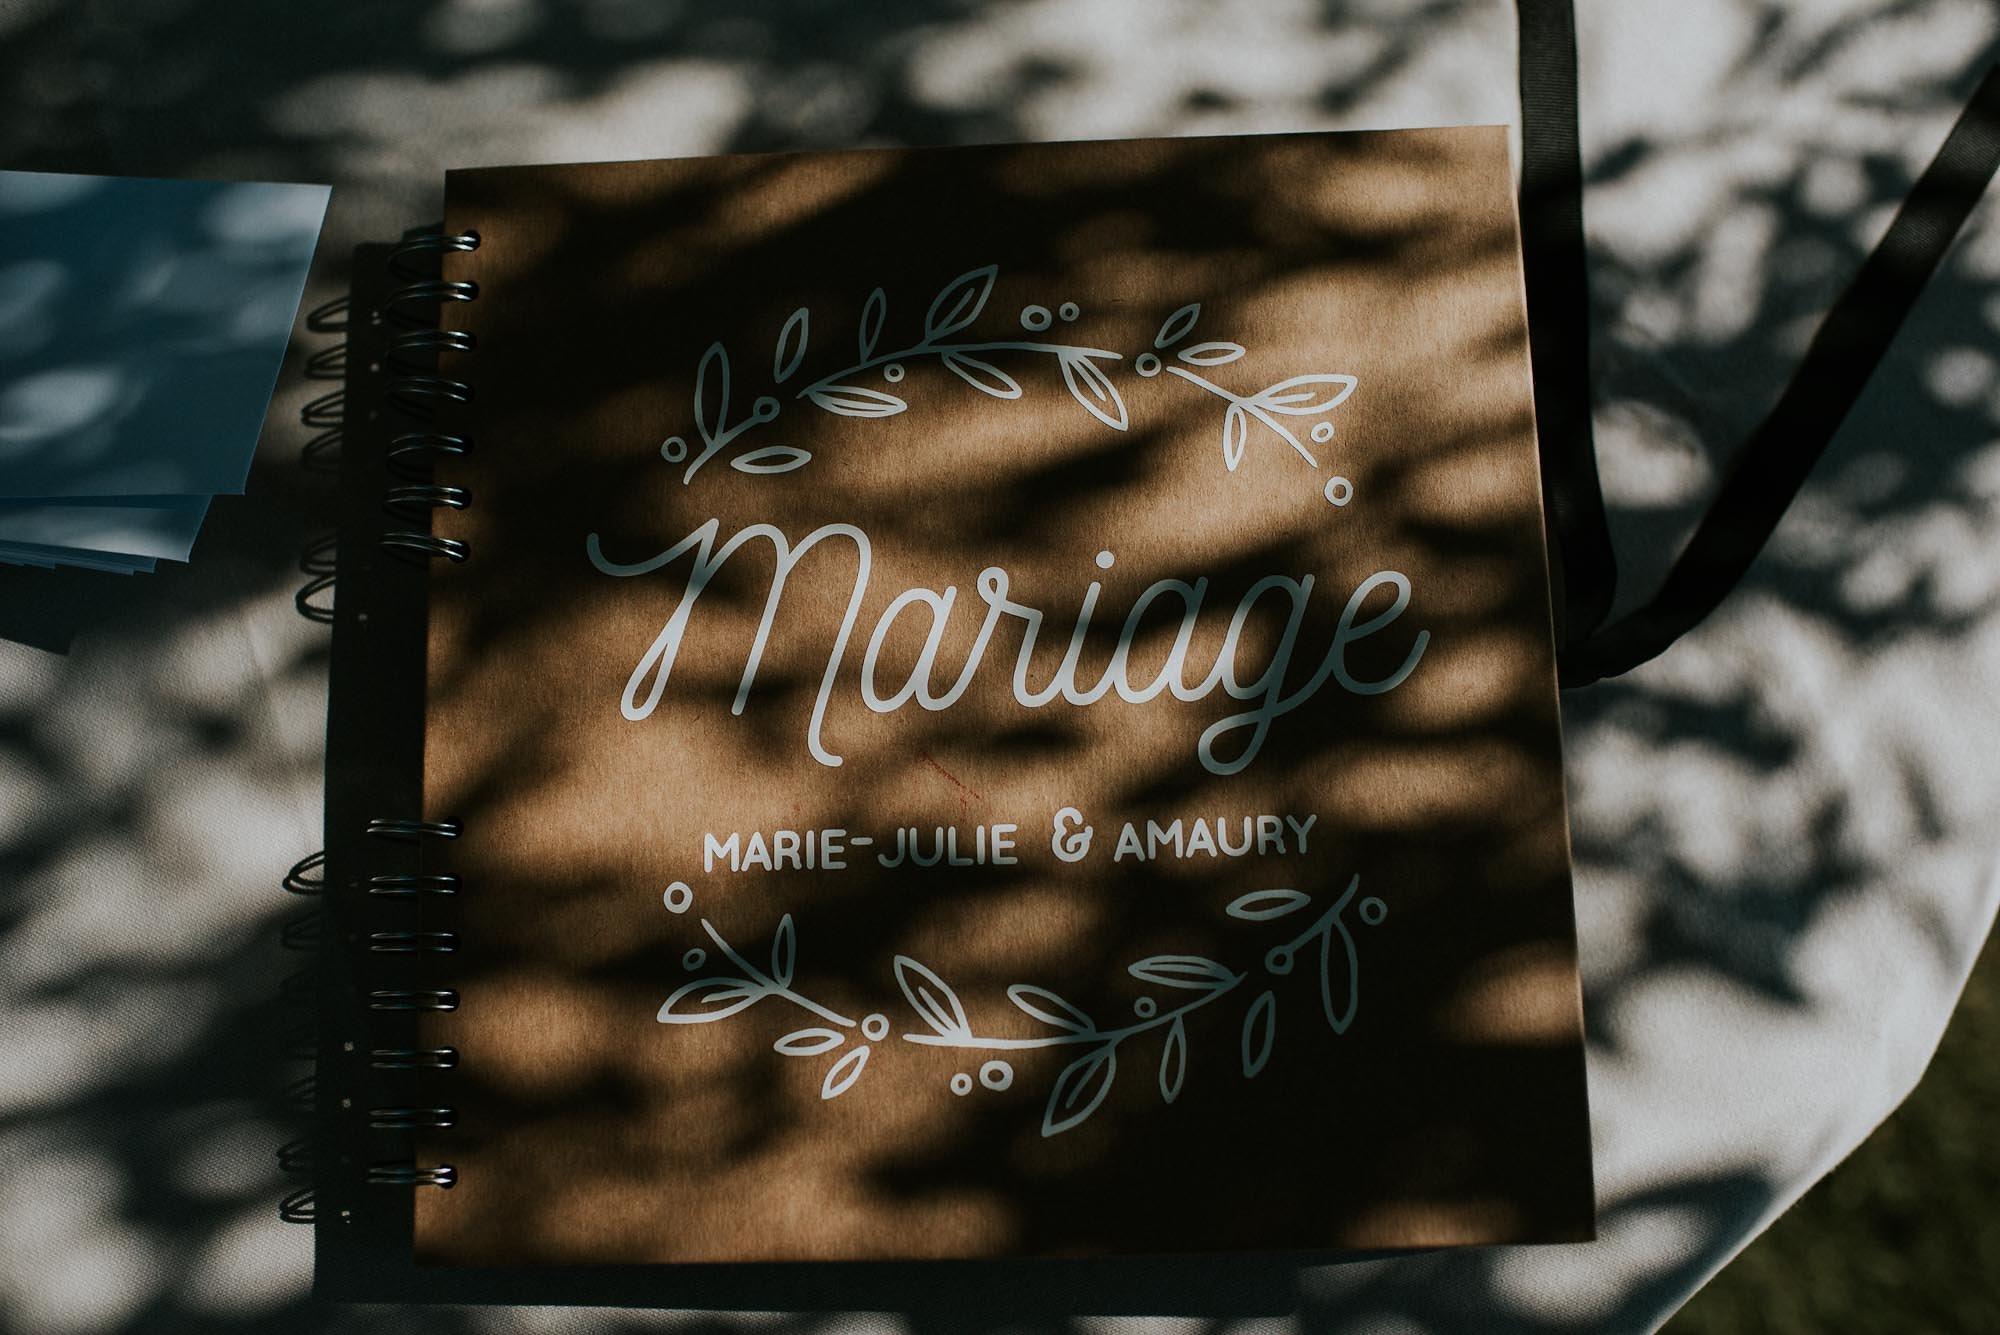 Mariage-Marie-Juulie-&-Amaury-17_06_2017-851.jpg